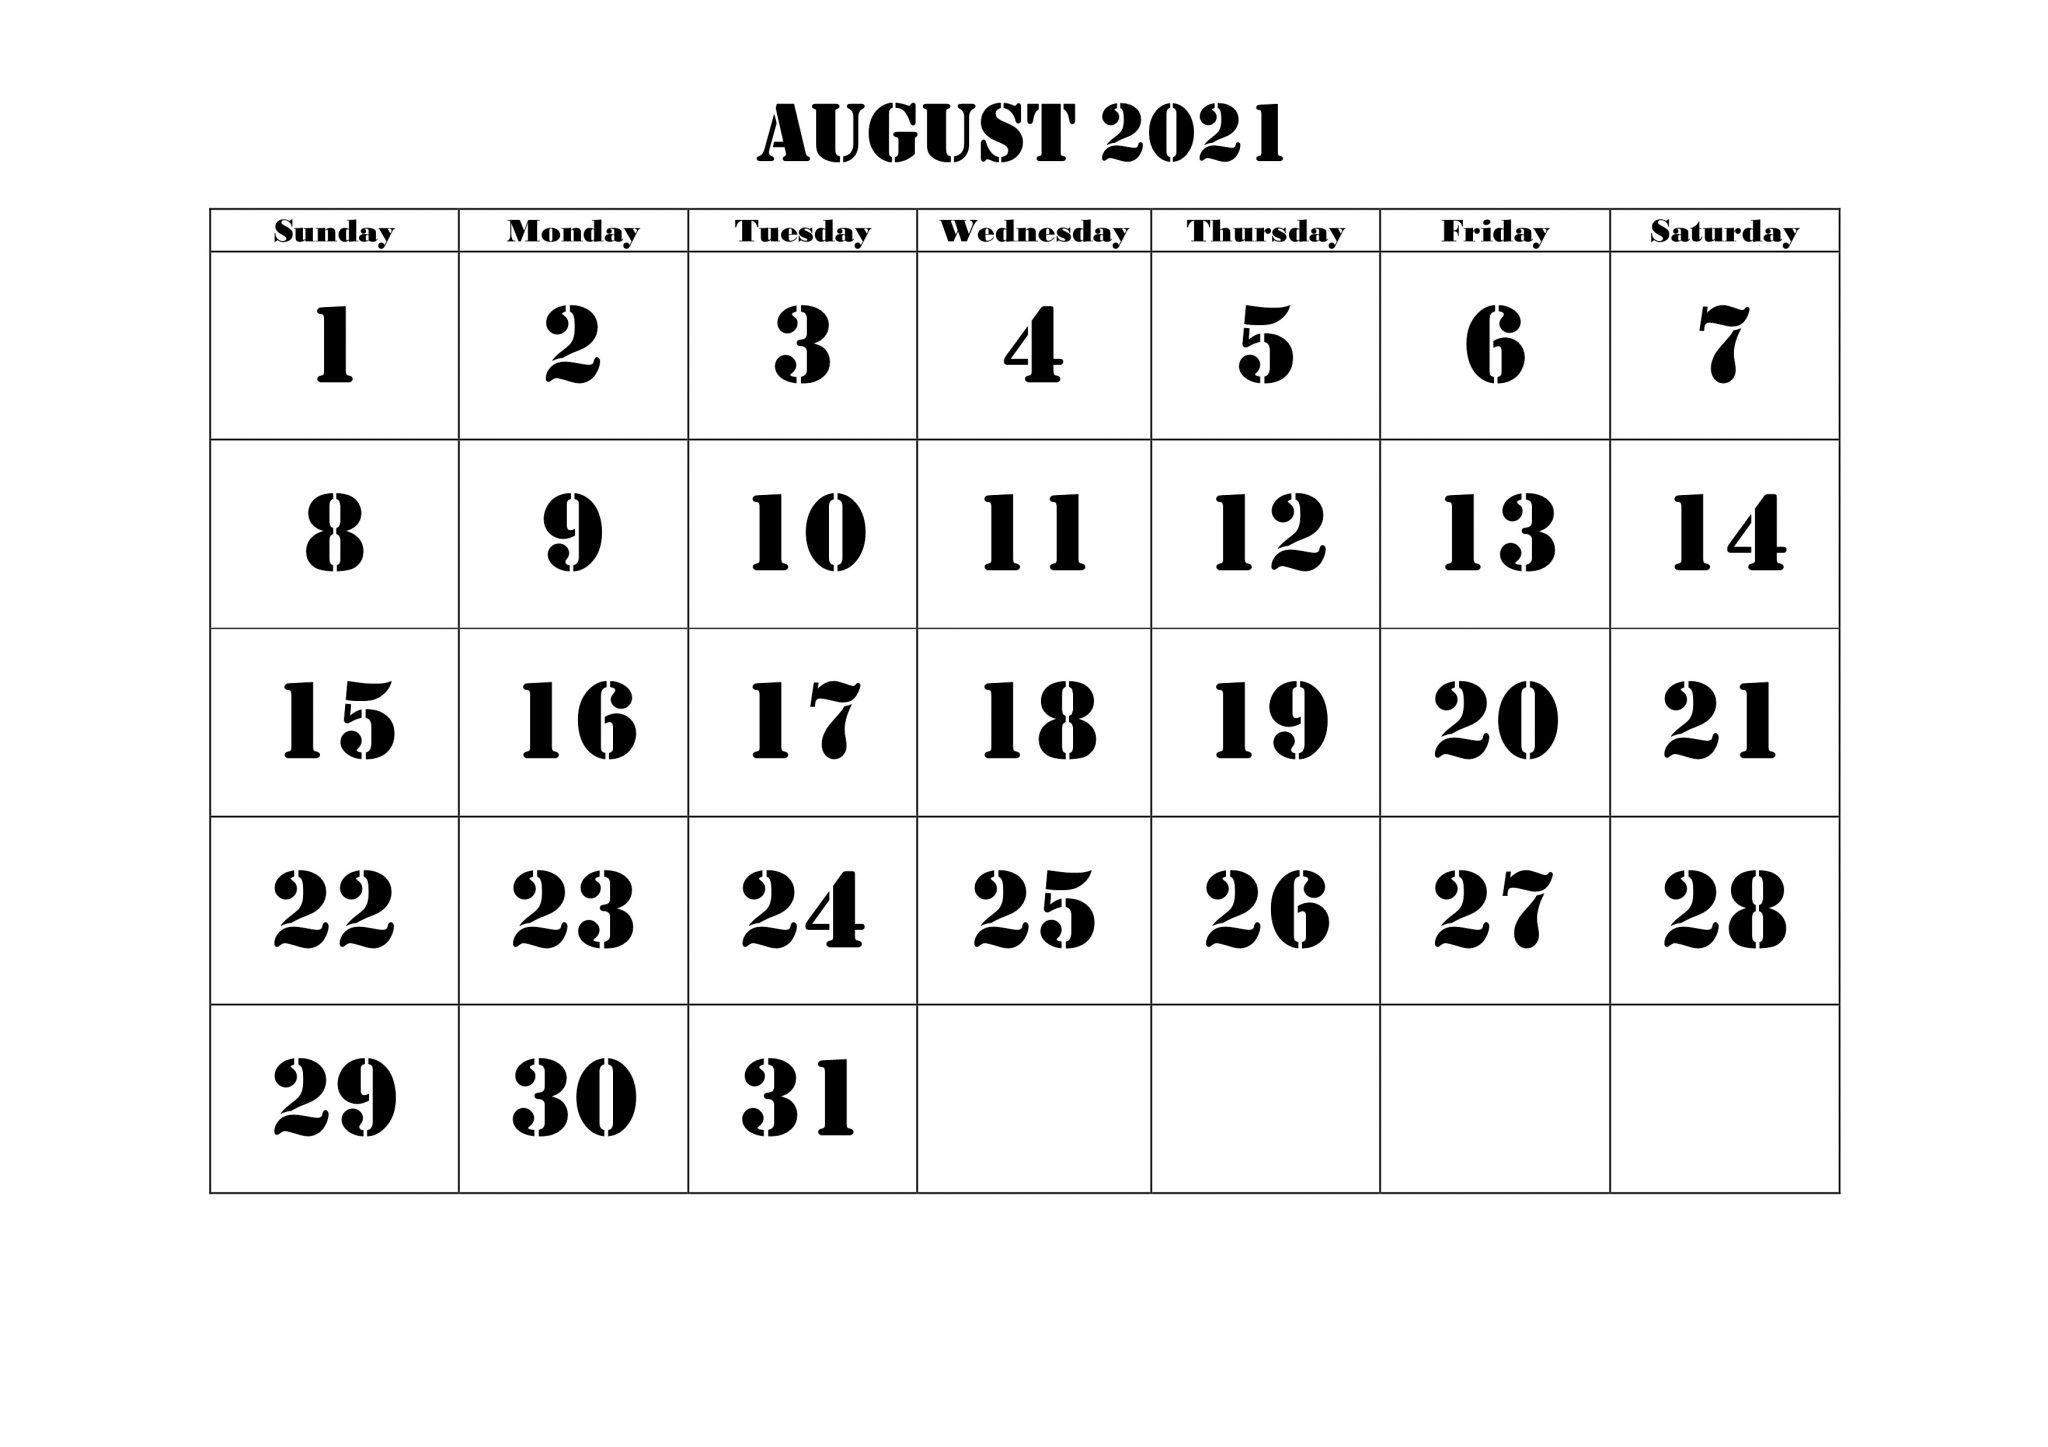 August Calendar 2021 Excel Template